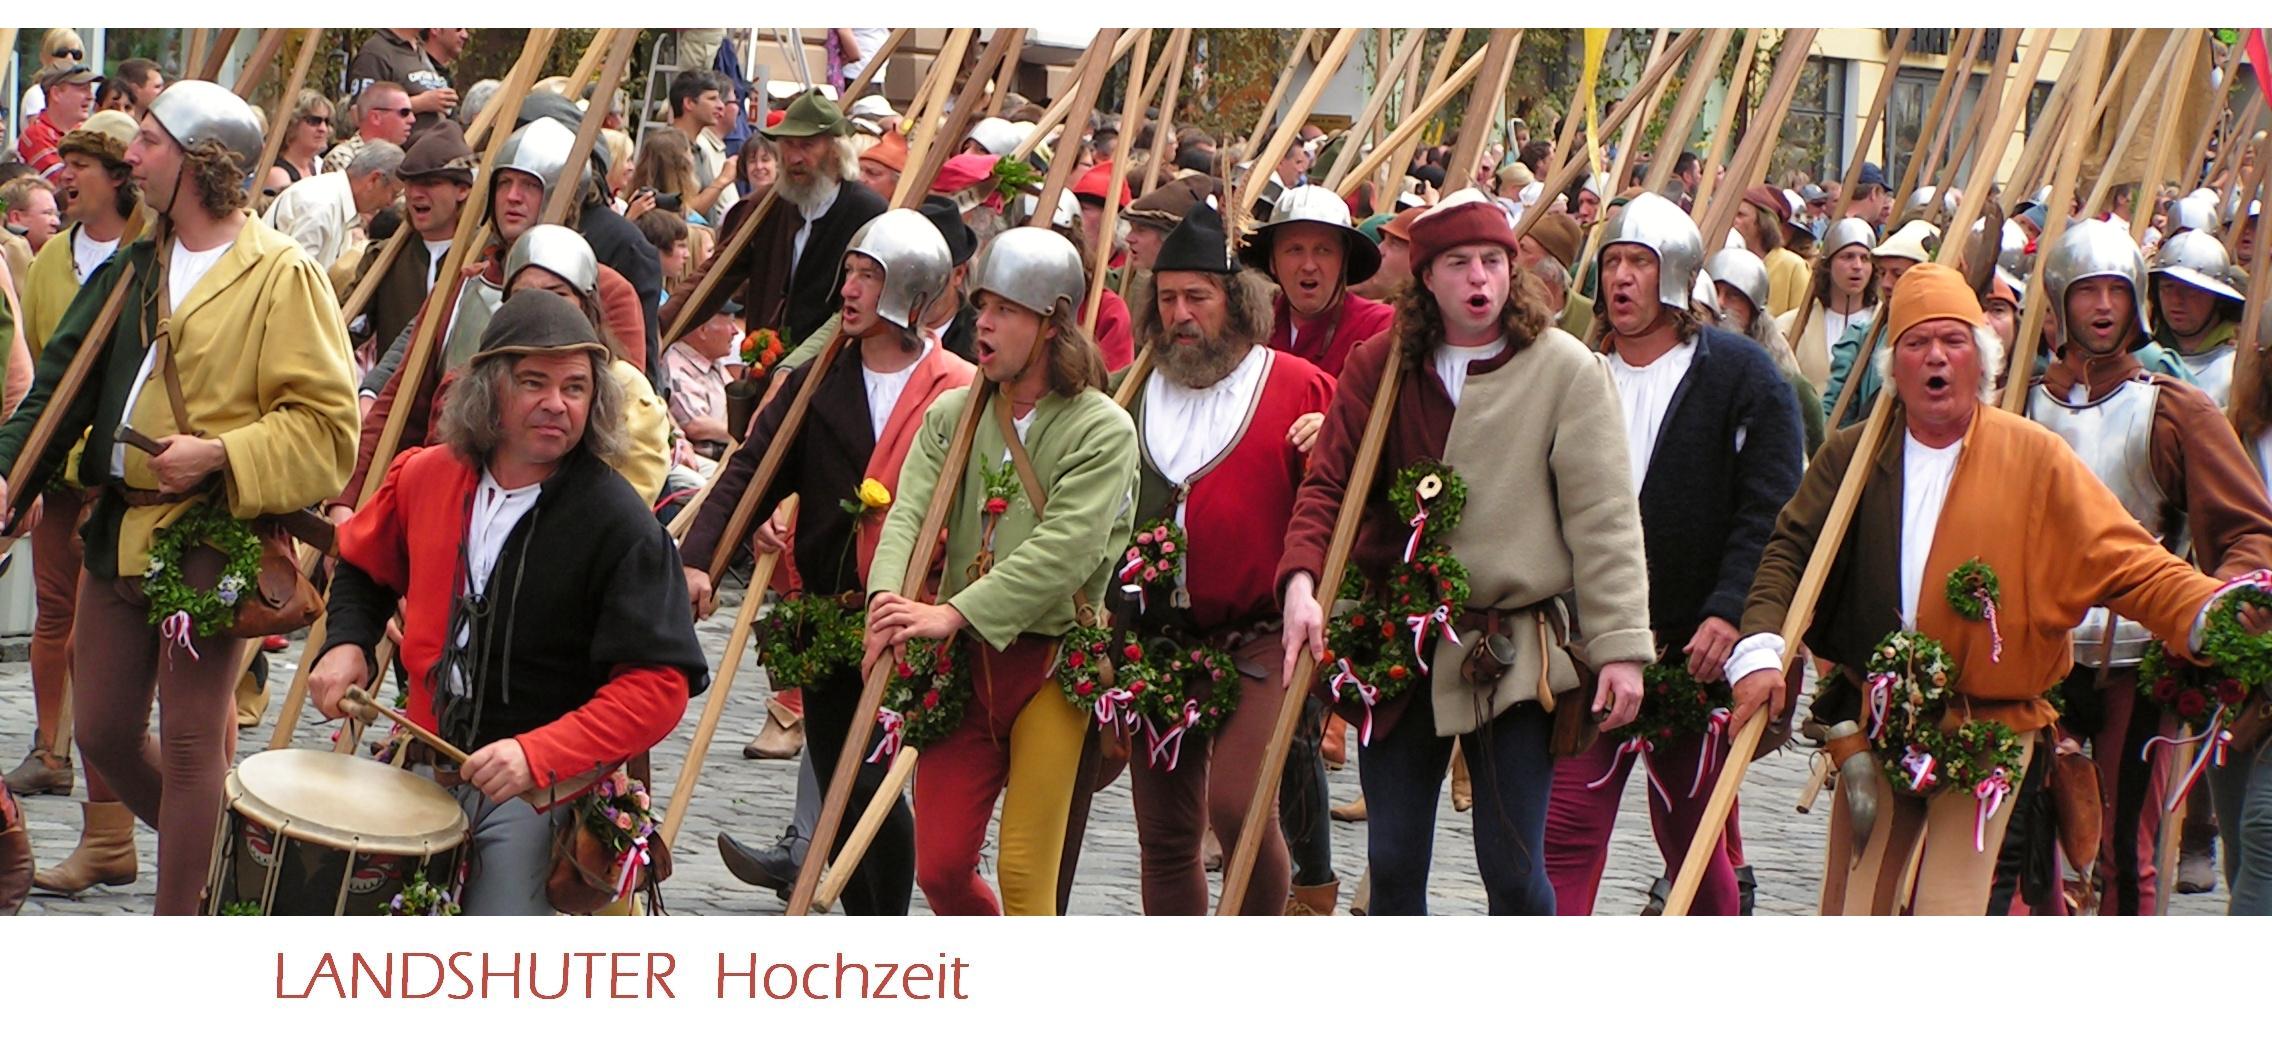 Landshuter Hochzeit Foto Bild Deutschland Europe Bayern Bilder